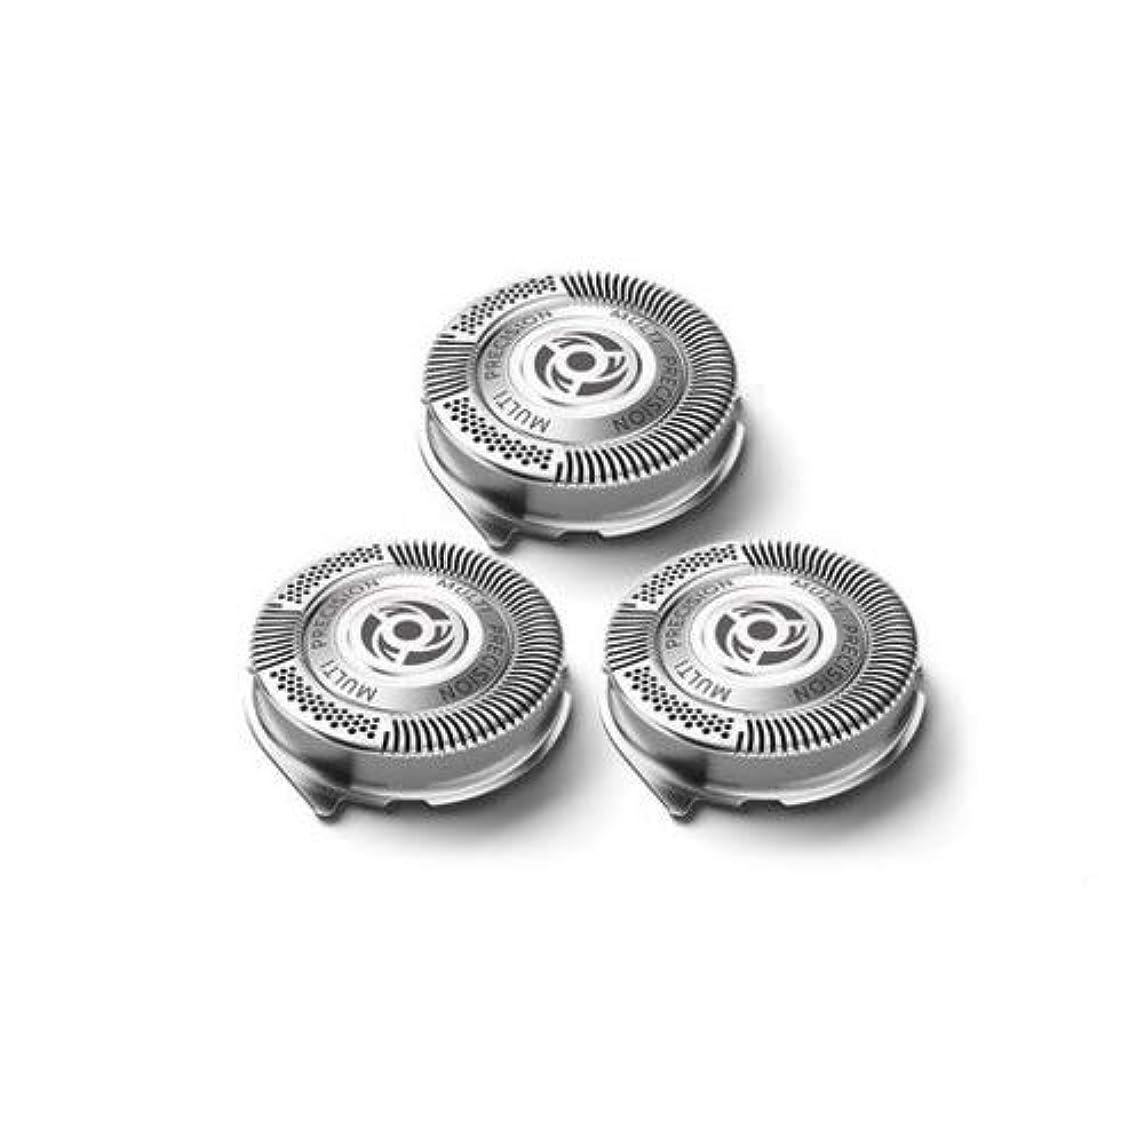 踏みつけ次へコックシェーバーカミソリヘッド交換 替え刃 に適用するPhilips SH50 DualPrecisionヘッド(3個)